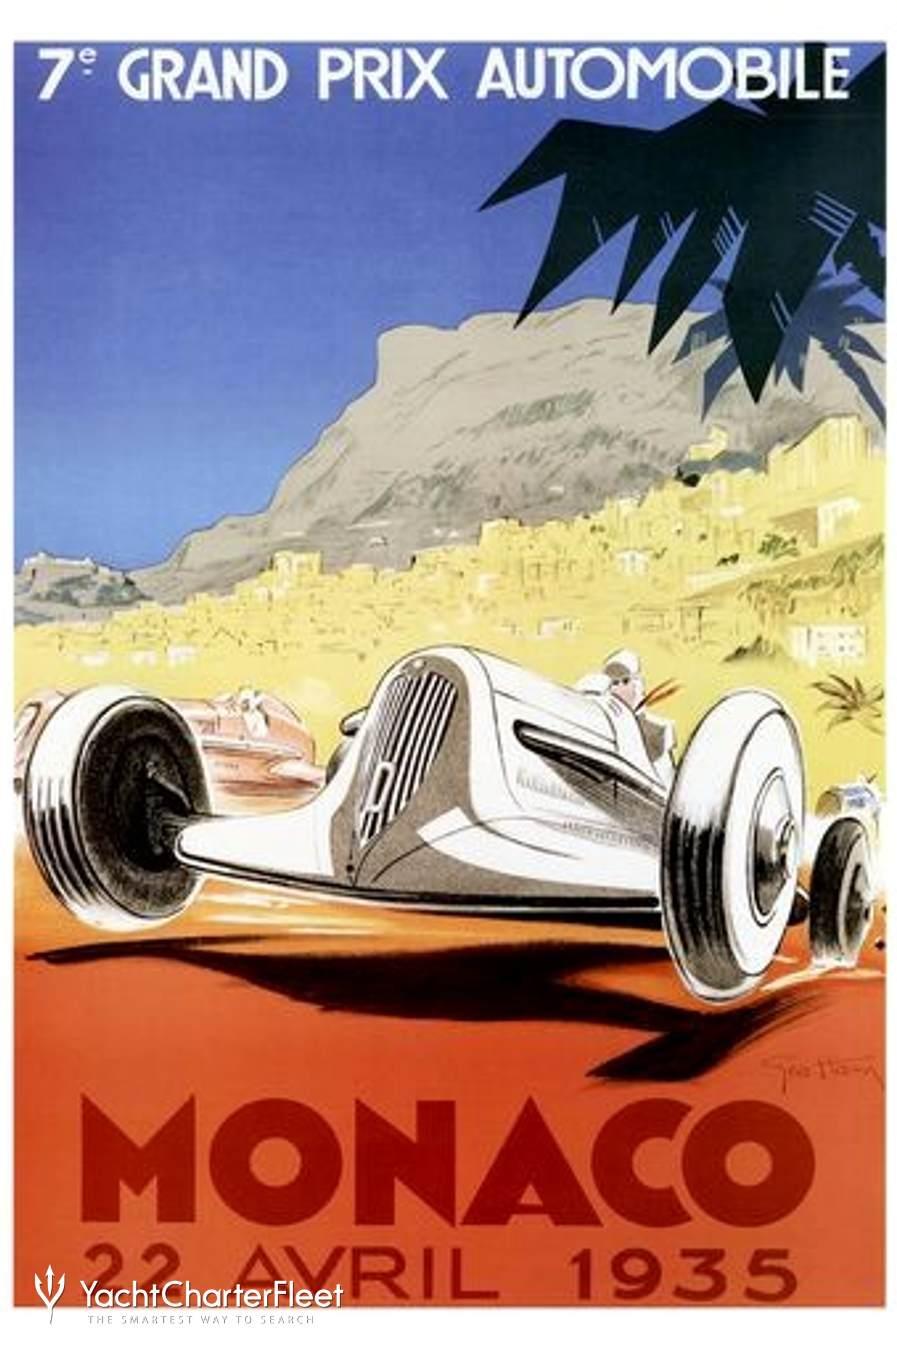 Monaco Grand F1 Grand Prix poster